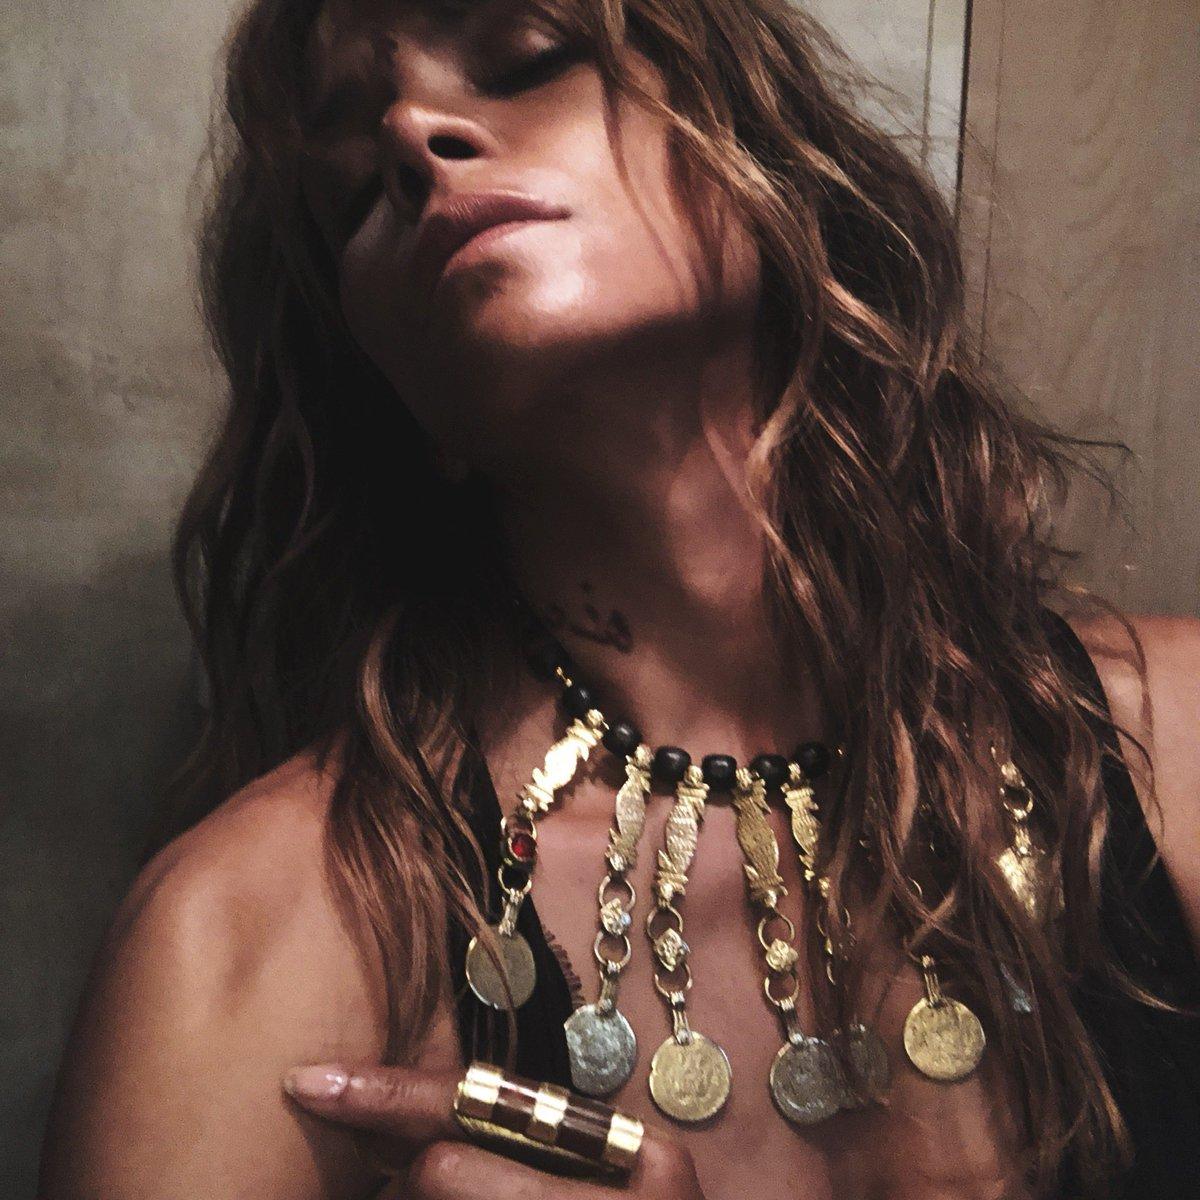 Sofia's got jewels. ???? #JohnWick3 https://t.co/yPty7dAidj